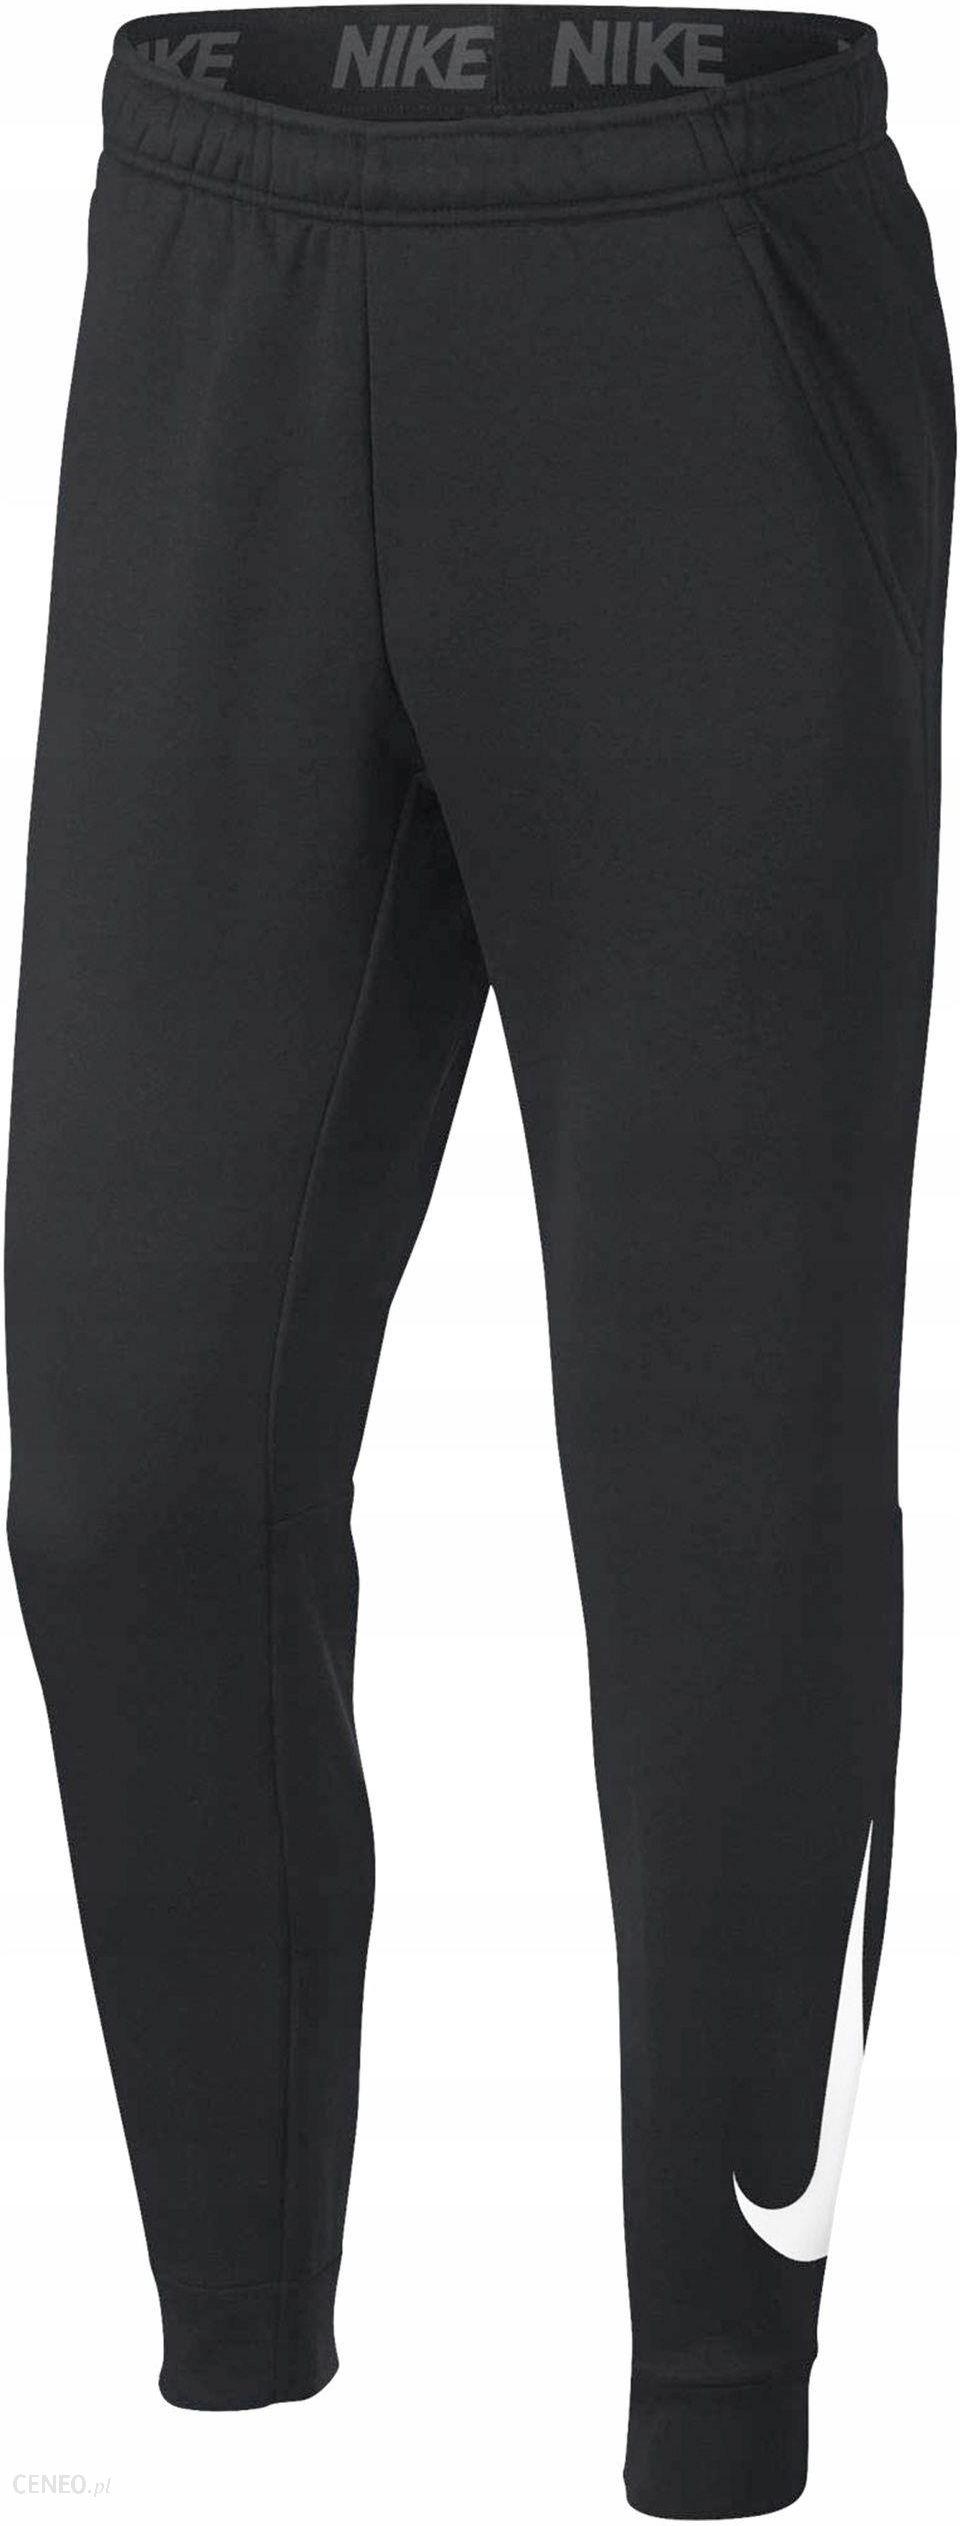 Spodnie Nike Dresowe Therma 932257 010 R. L Ceny i opinie Ceneo.pl